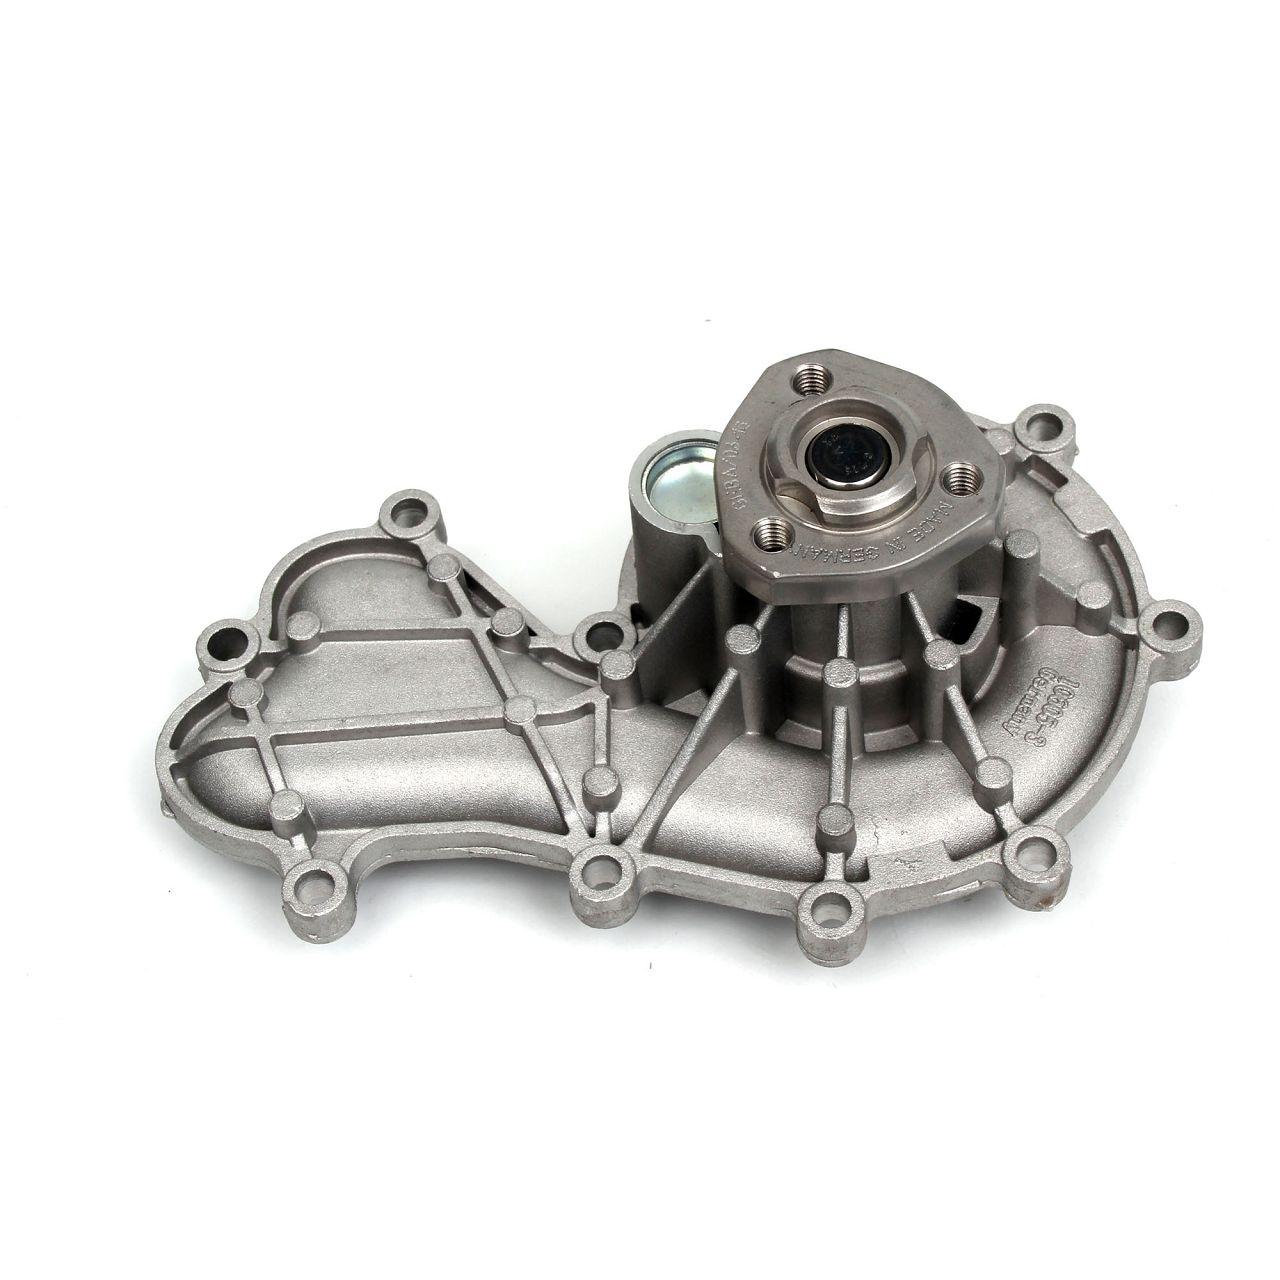 GEBA Wasserpumpe 10605 für AUDI A4 A5 A6 A7 A8 Q7 PORSCHE CAYENNE VW TOUAREG